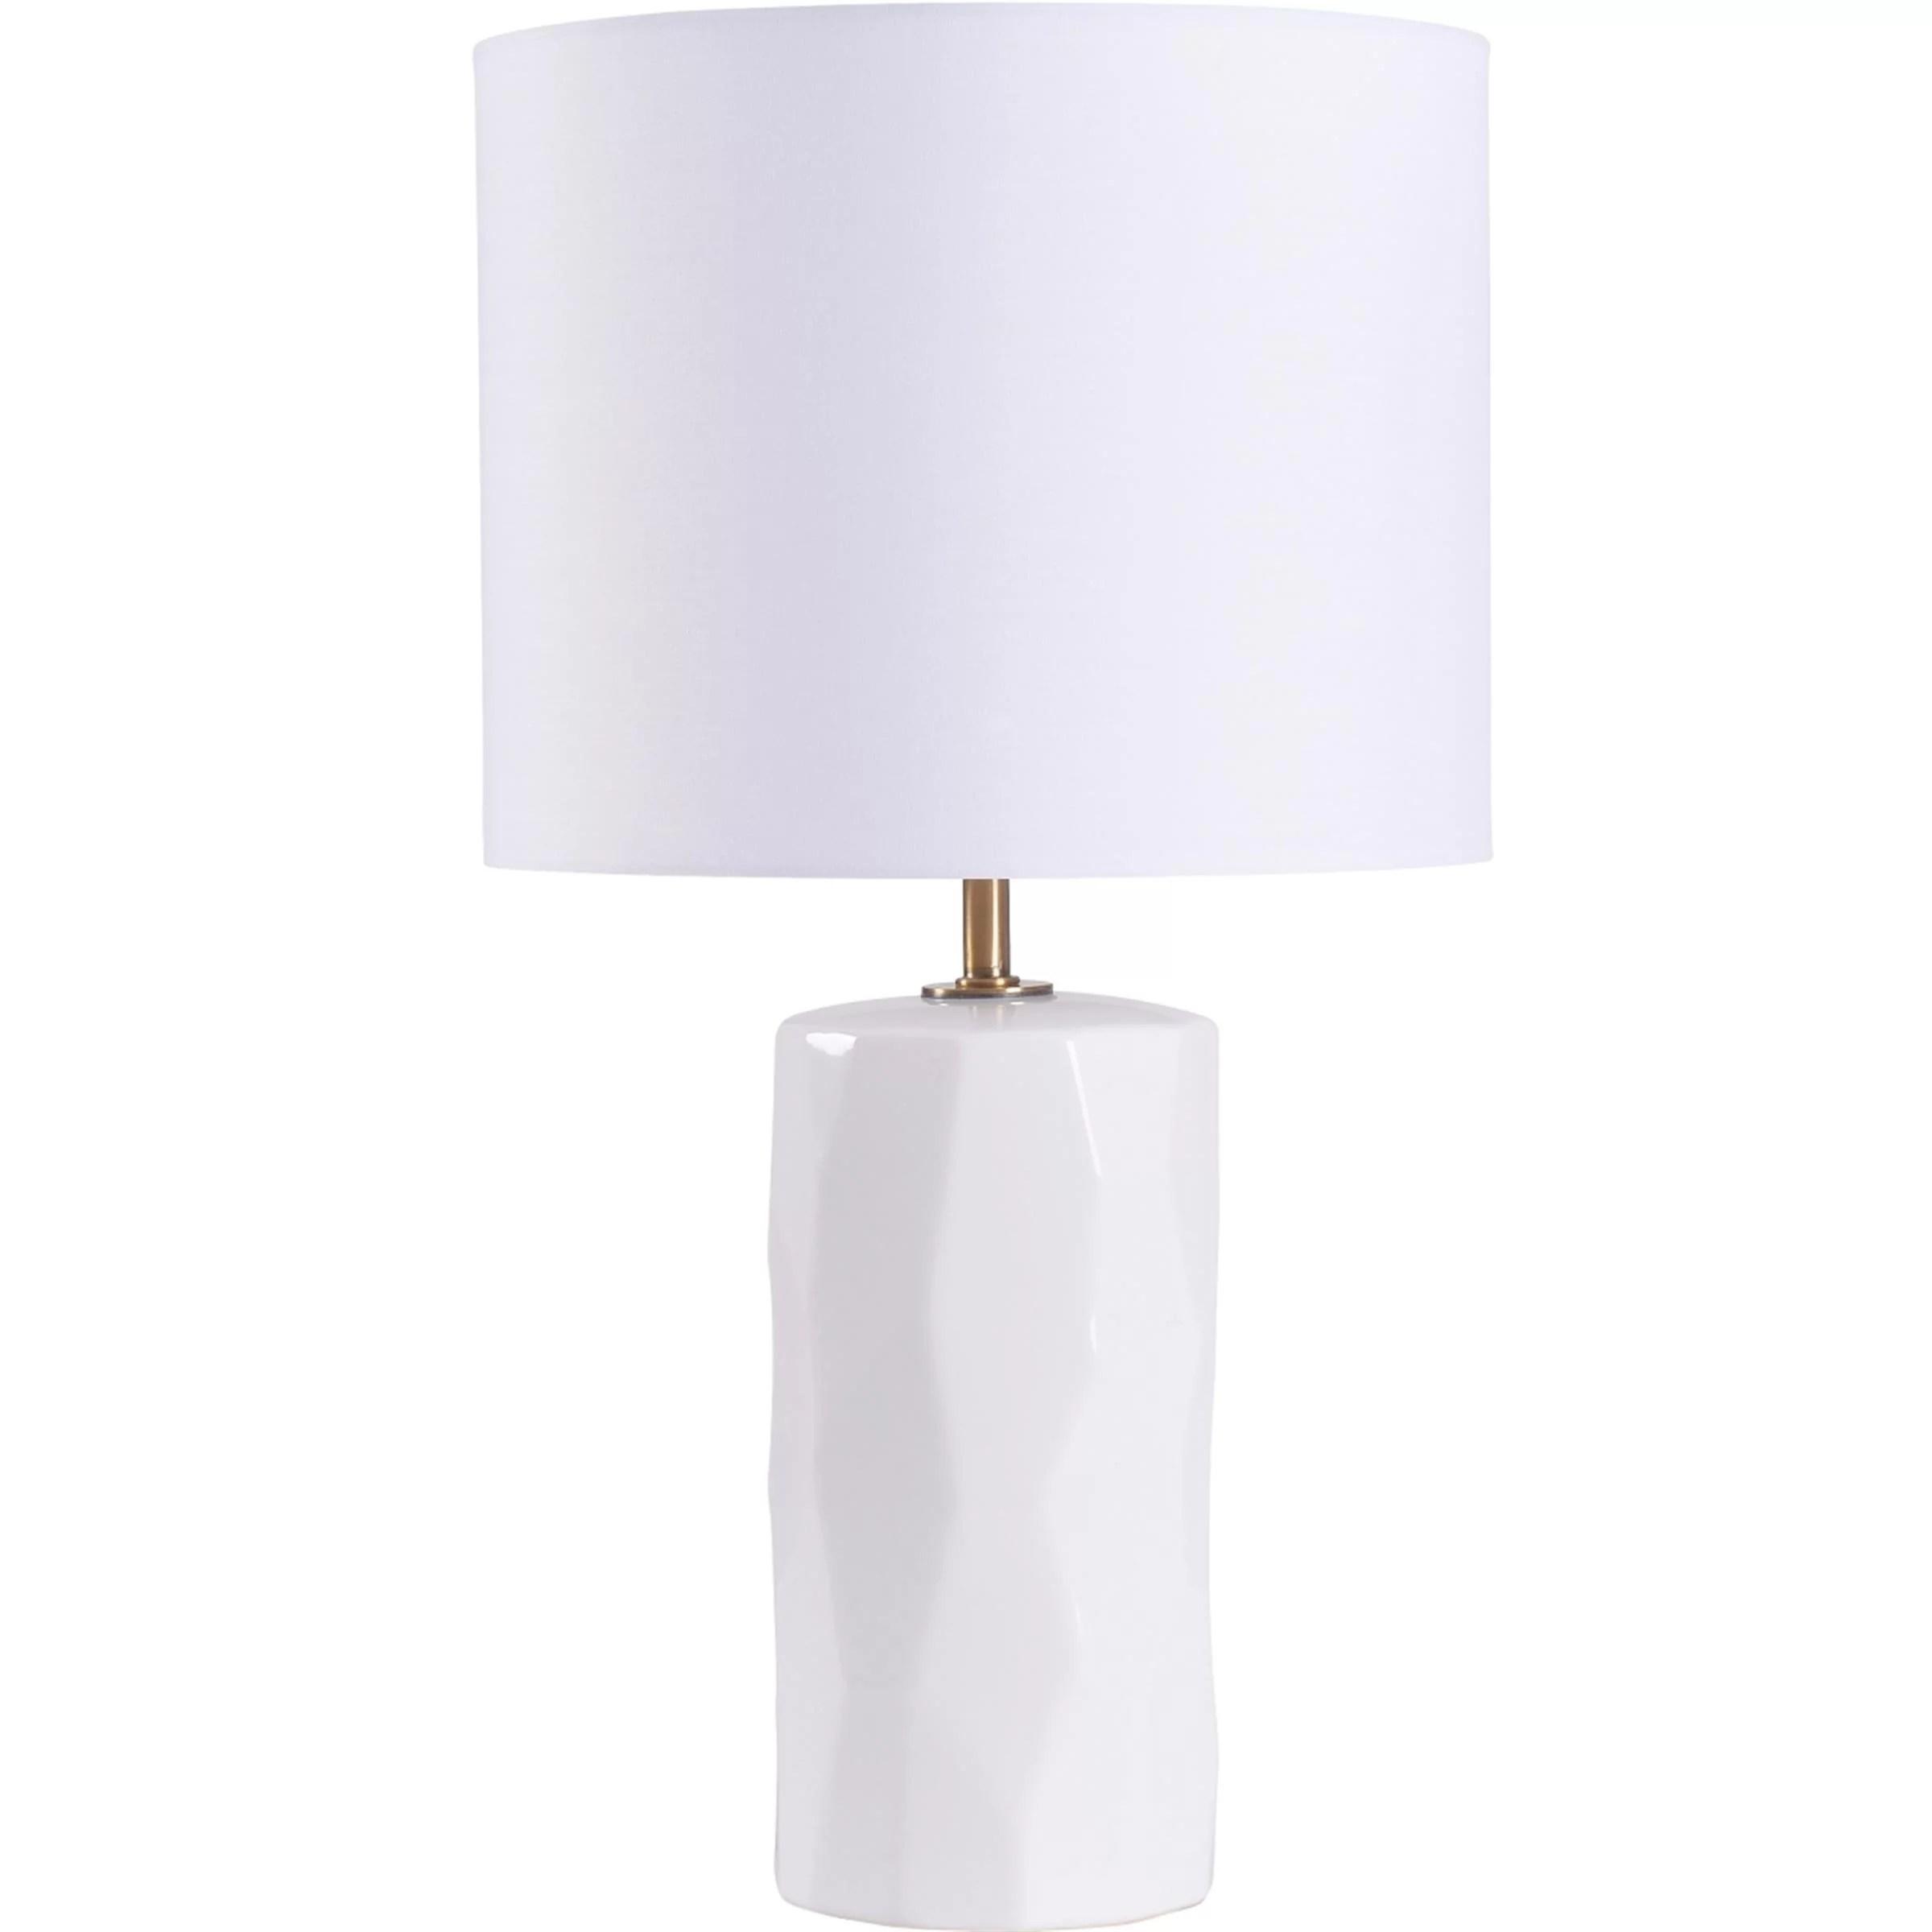 lamps walmart com